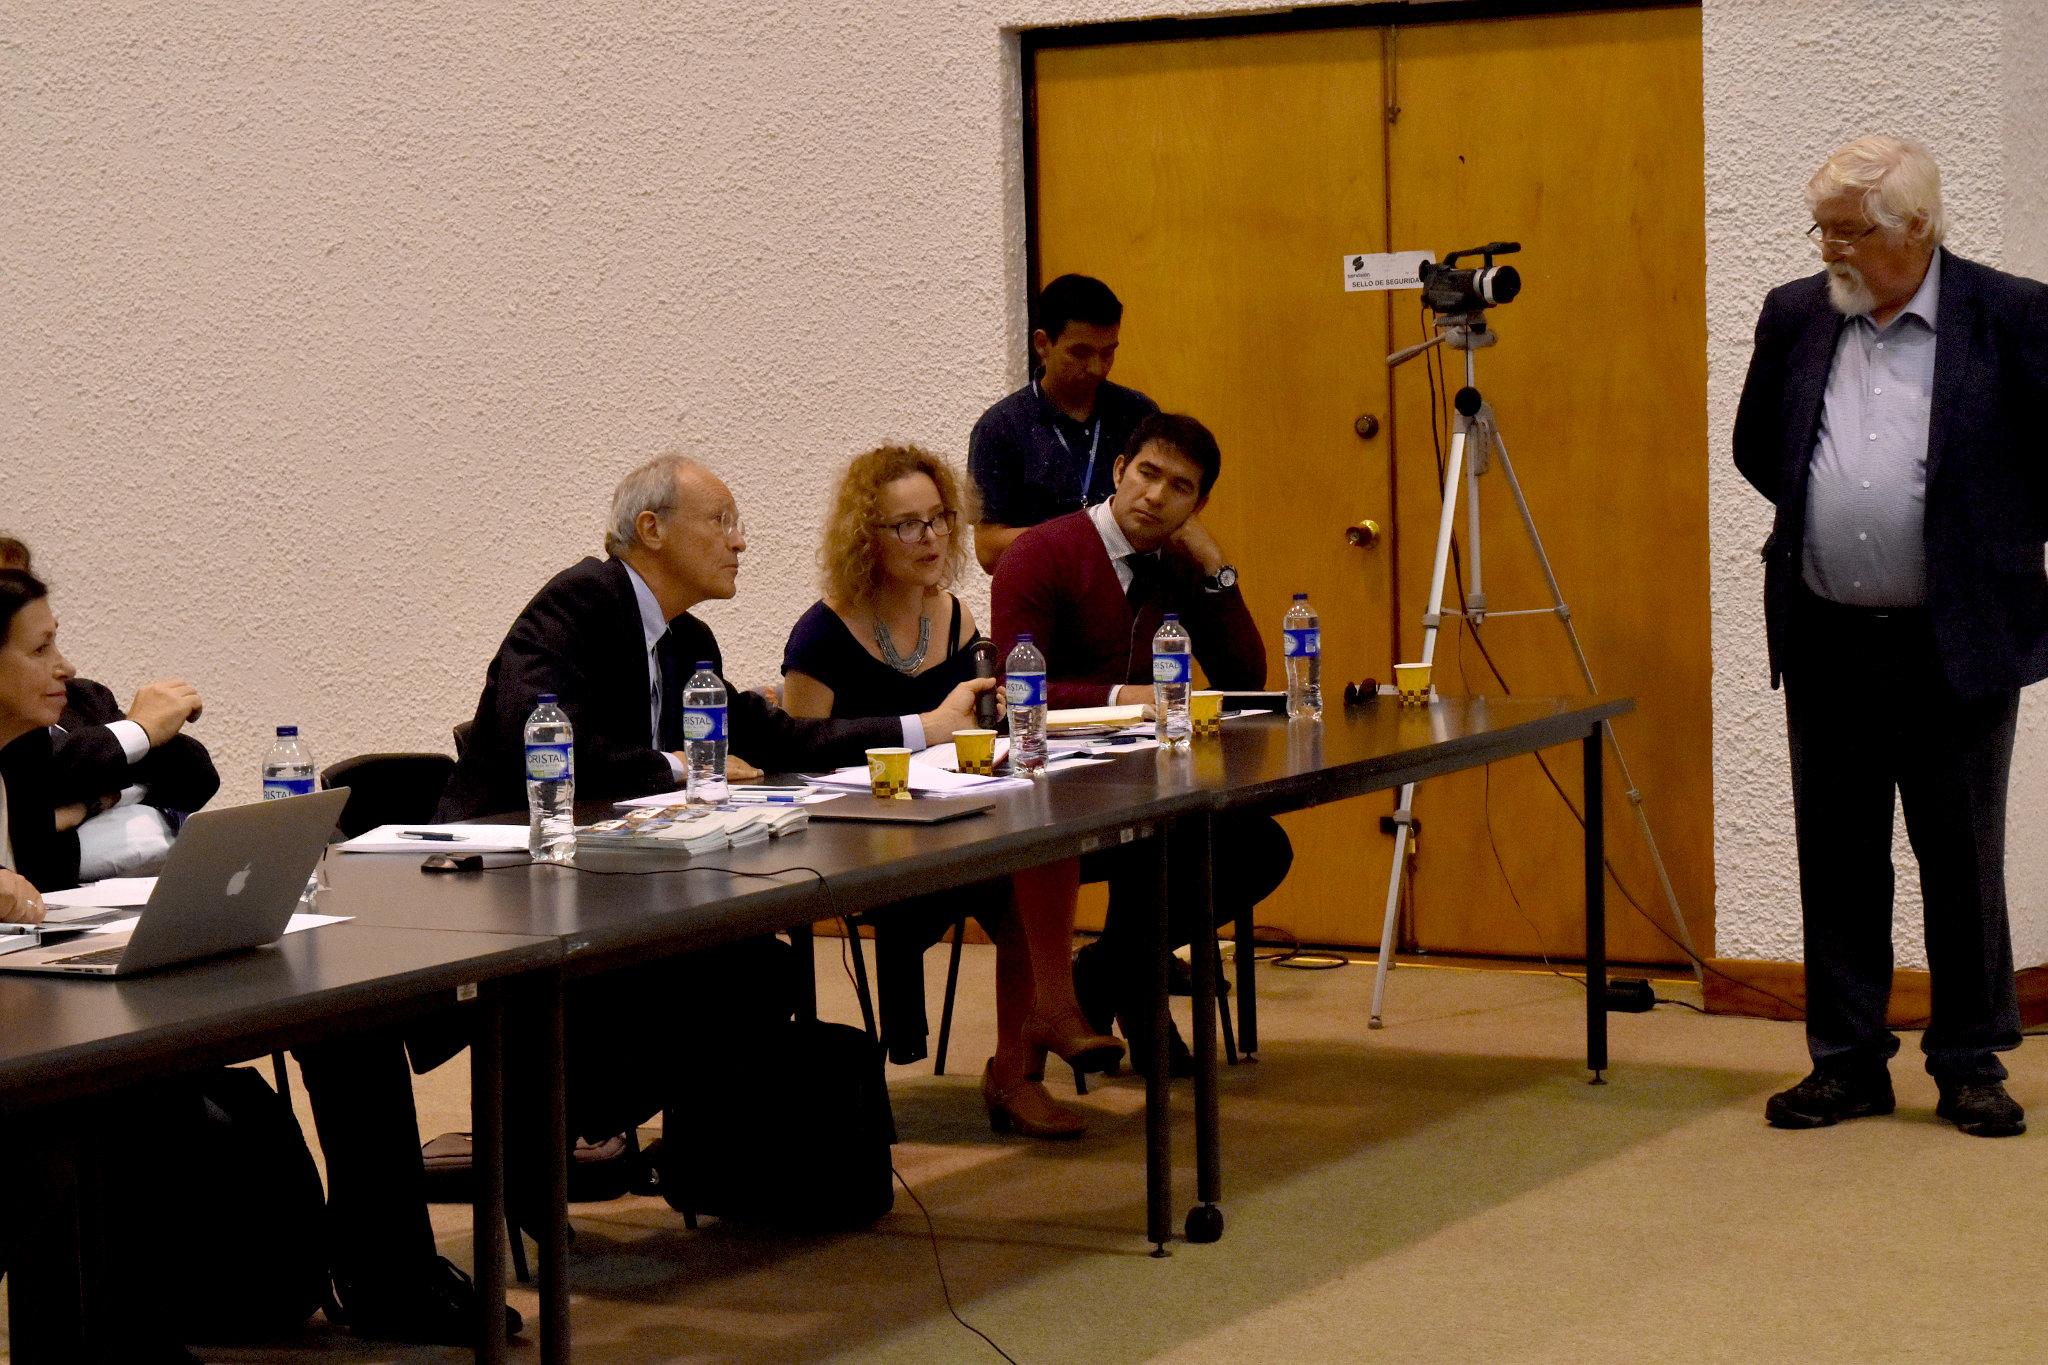 Foto: Laura Berrío / Vicerrectoría de Investigación (VRI) - Universidad Nacional de Colombia